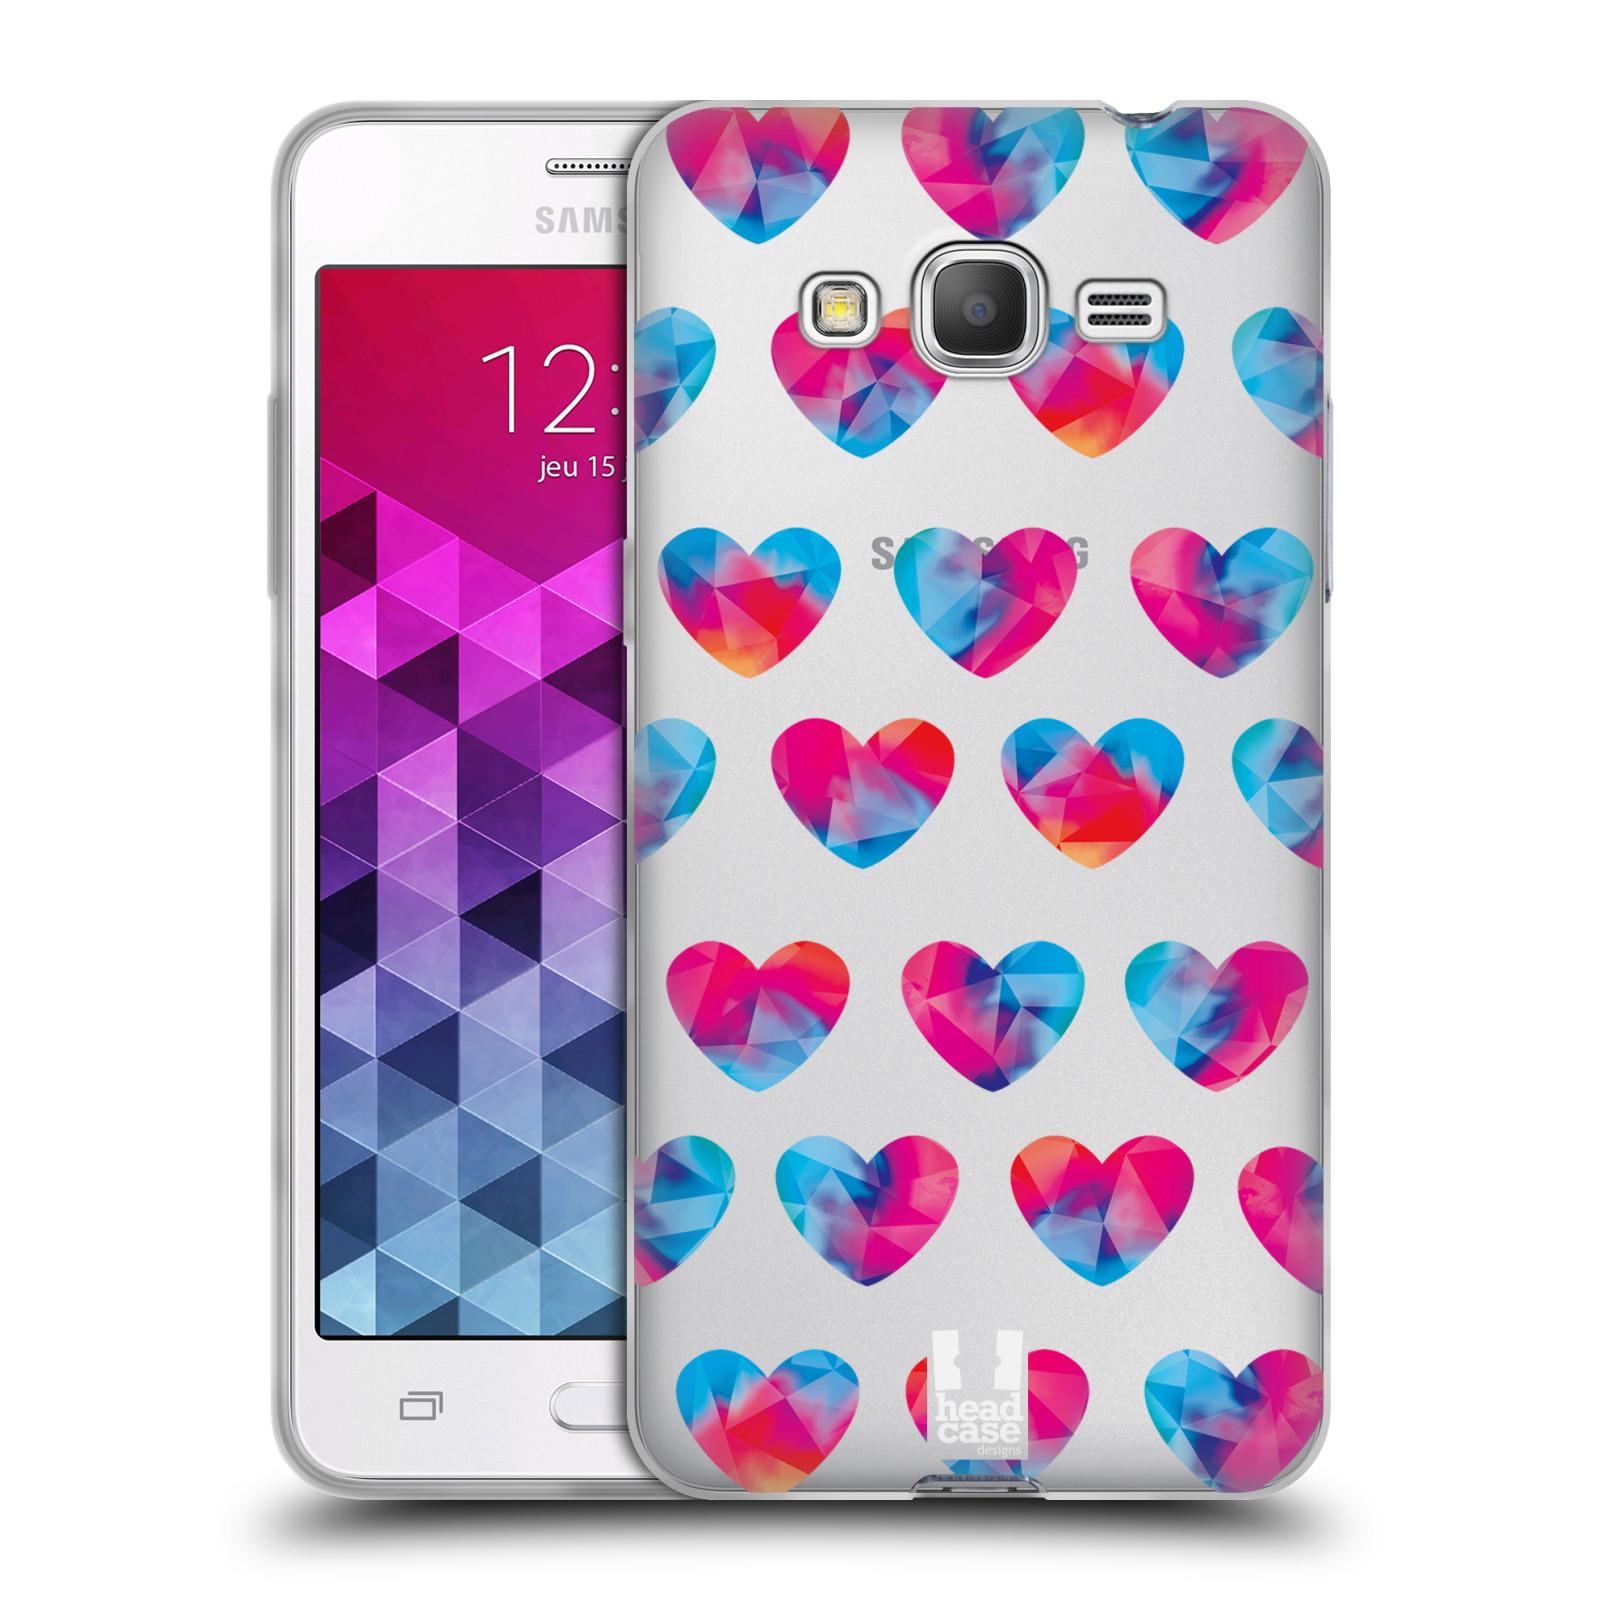 Silikonové pouzdro na mobil Samsung Galaxy Grand Prime - Head Case - Srdíčka hrající barvami